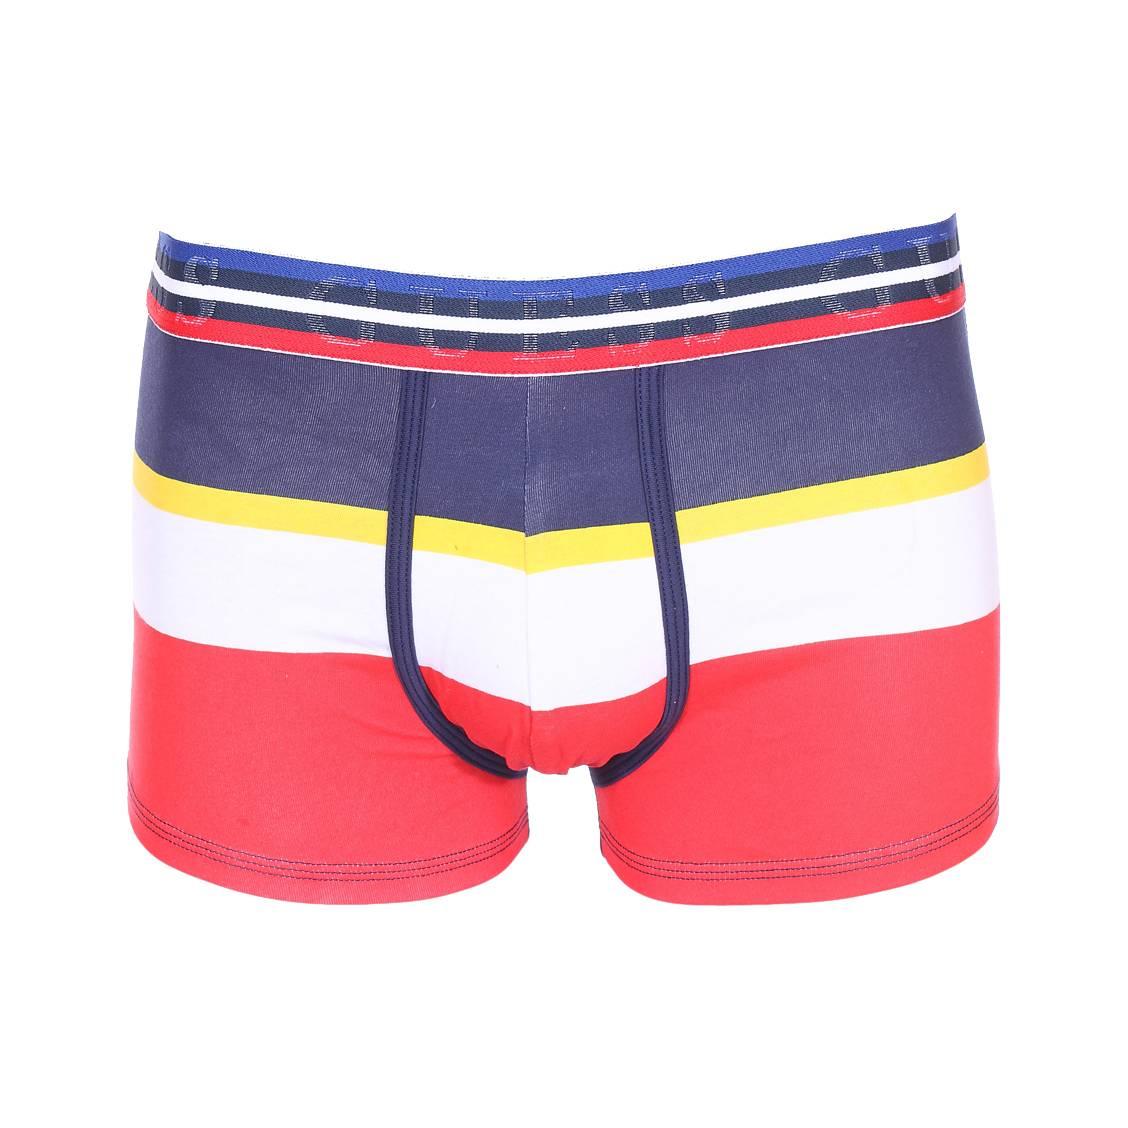 Boxer guess en coton stretch à rayures rouge, blanche, jaune et bleu marine